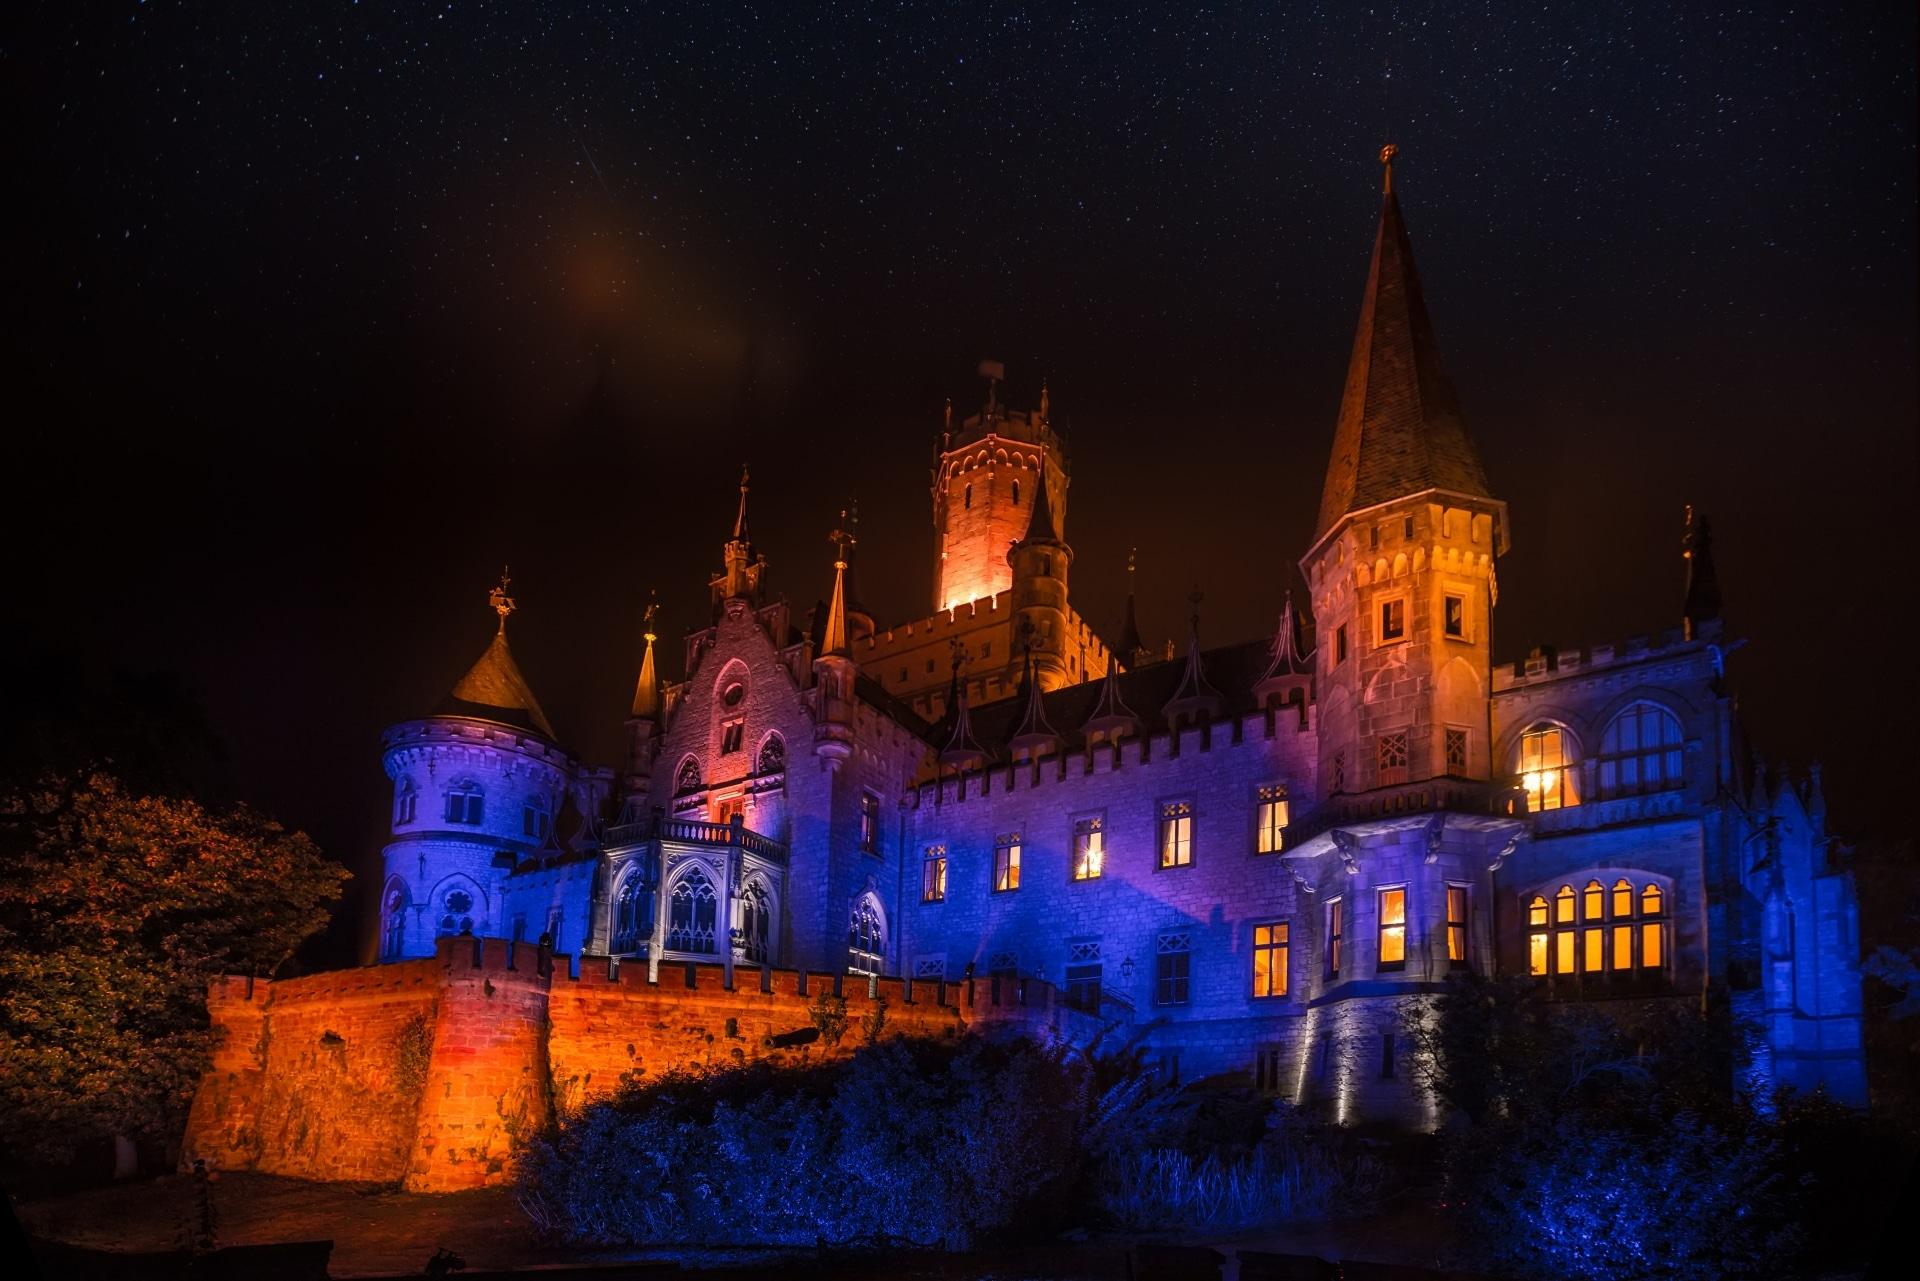 Marienburg Illumination 2